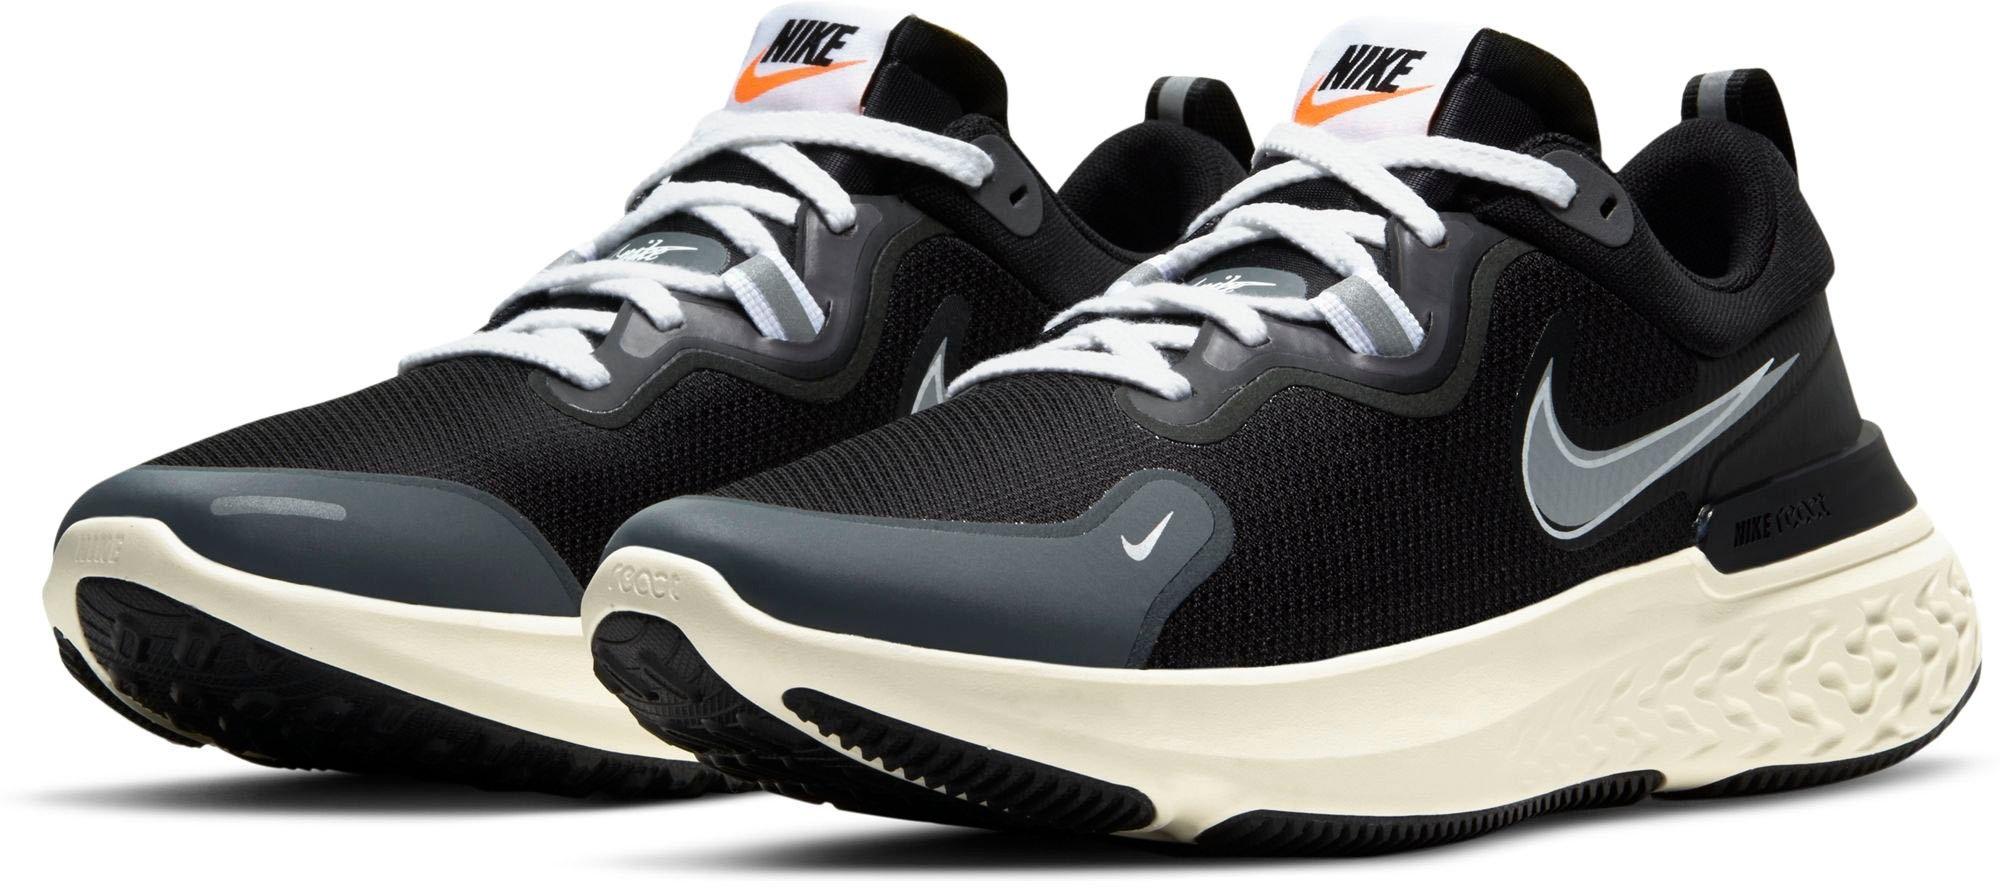 Nike runningschoenen REACT MILER premium goedkoop op otto.nl kopen